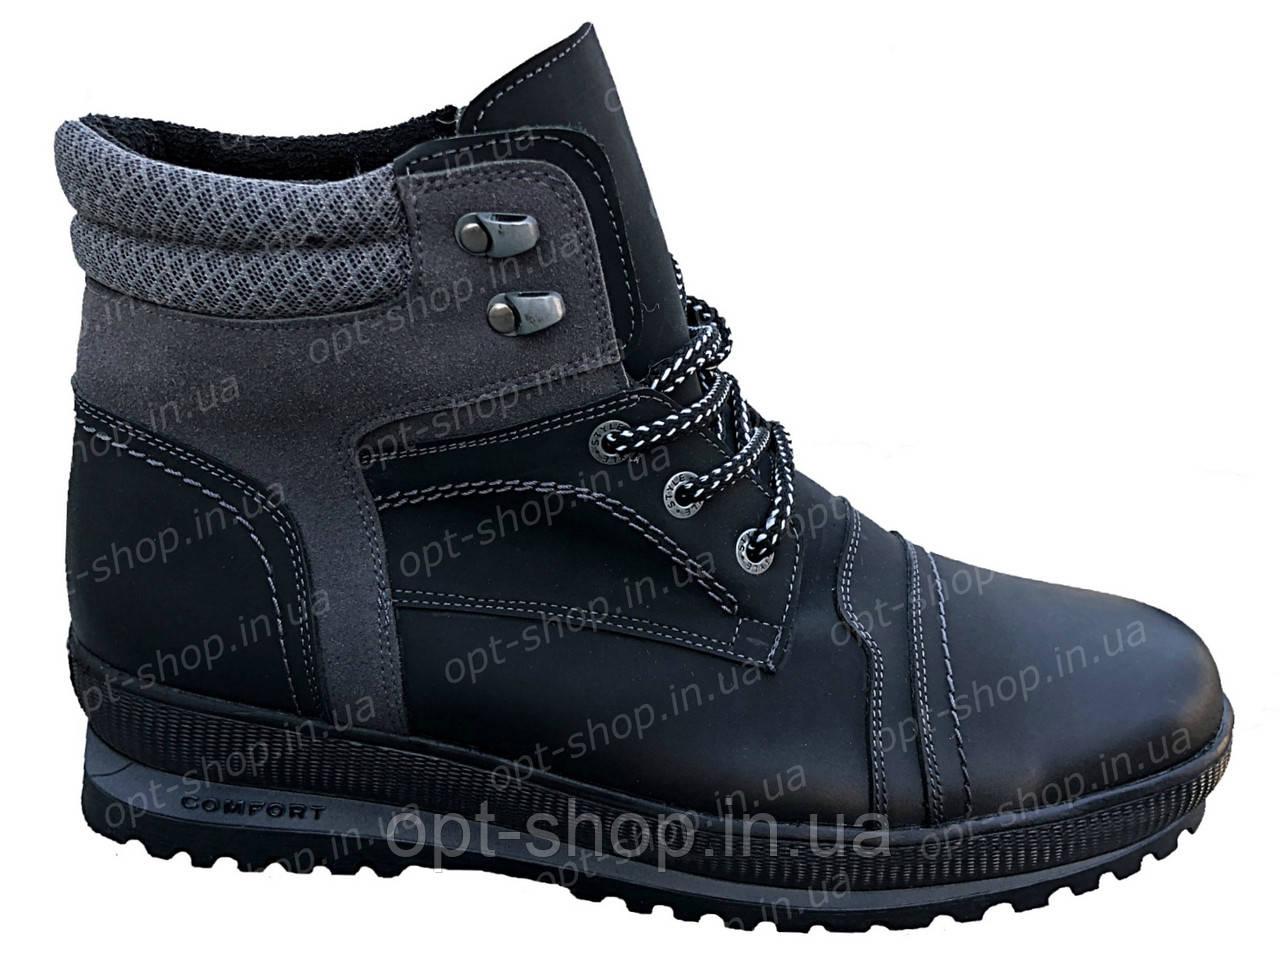 Ботинки мужские больших размеров от производителя